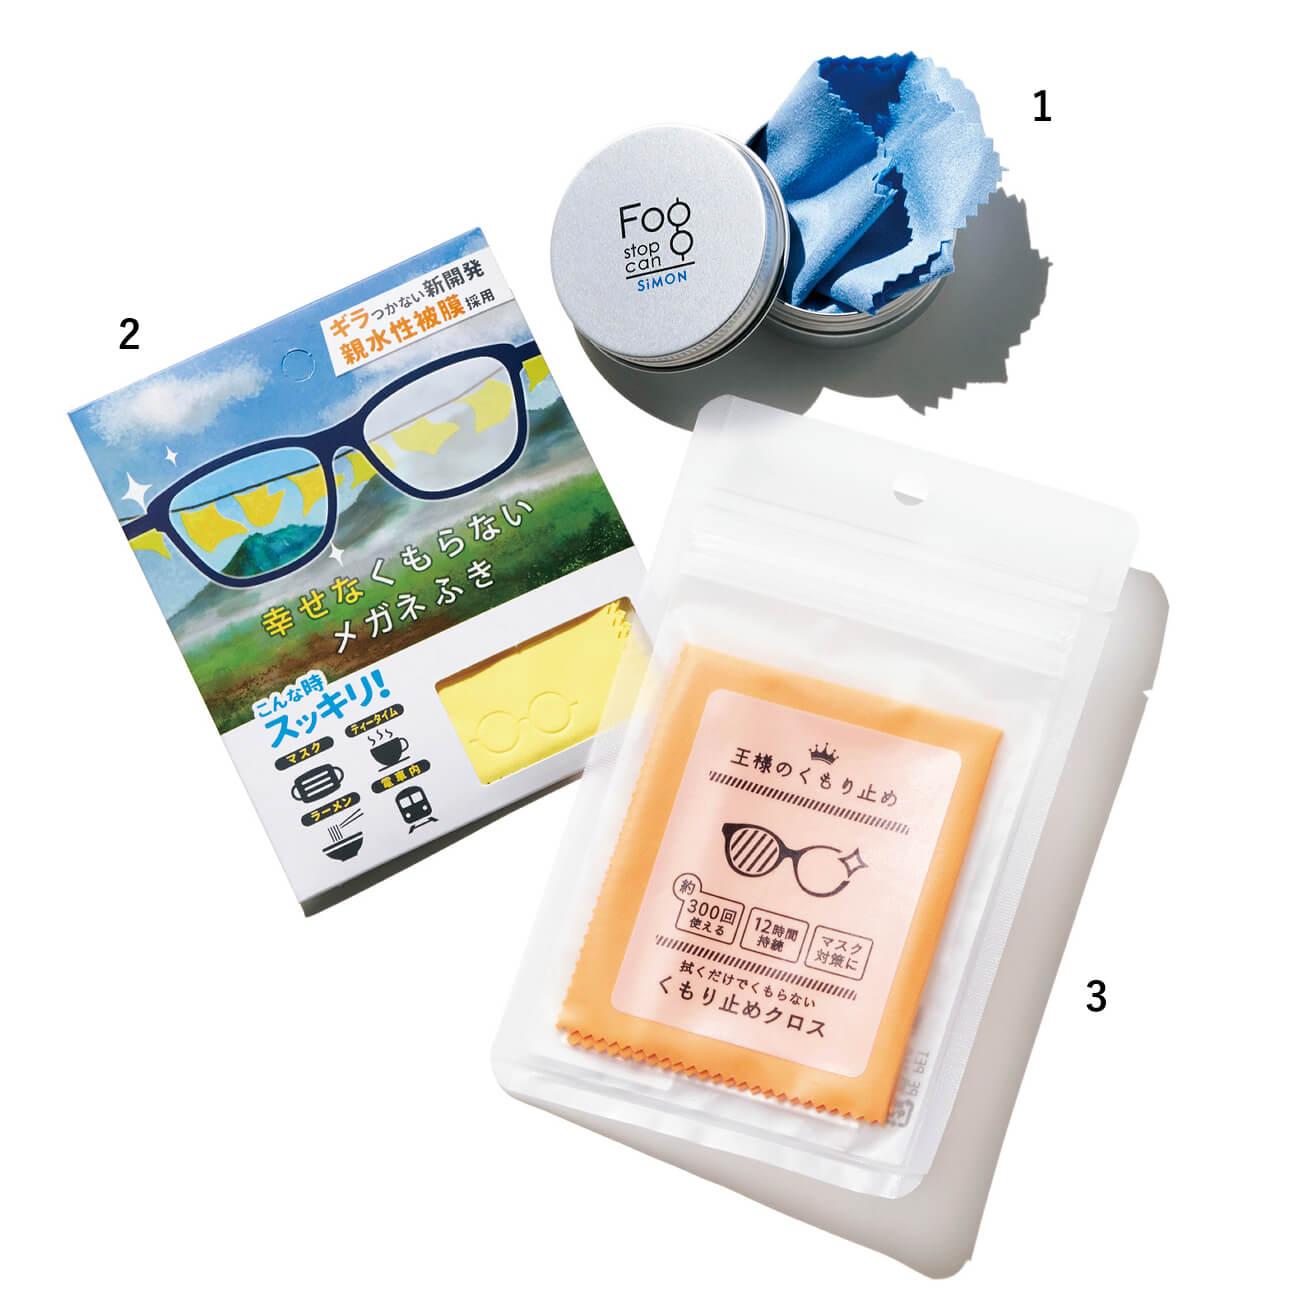 ❶クロスの乾燥を防ぎながら清潔に持ち歩ける、手のひらサイズの缶付き。約300回使用できます。フォグストップ缶¥1320/眼鏡市場お客様相談室 ❷約12時間くもり知らずが叶います。1枚で約300回まで使用可能。特殊なコーティングが、レンズのぎらつきを防ぎます。幸せなくもらないメガネふき¥1270/渋谷ロフト(コパ・コーポレーション) ❸密閉可能なパッケージは、そのまま携帯用として使用できます。全12種の色・柄展開からお気に入りを見つけて! 1回の使用で効果持続は約12時間。王様のくもり止め¥1300/渋谷ロフト(3carat)